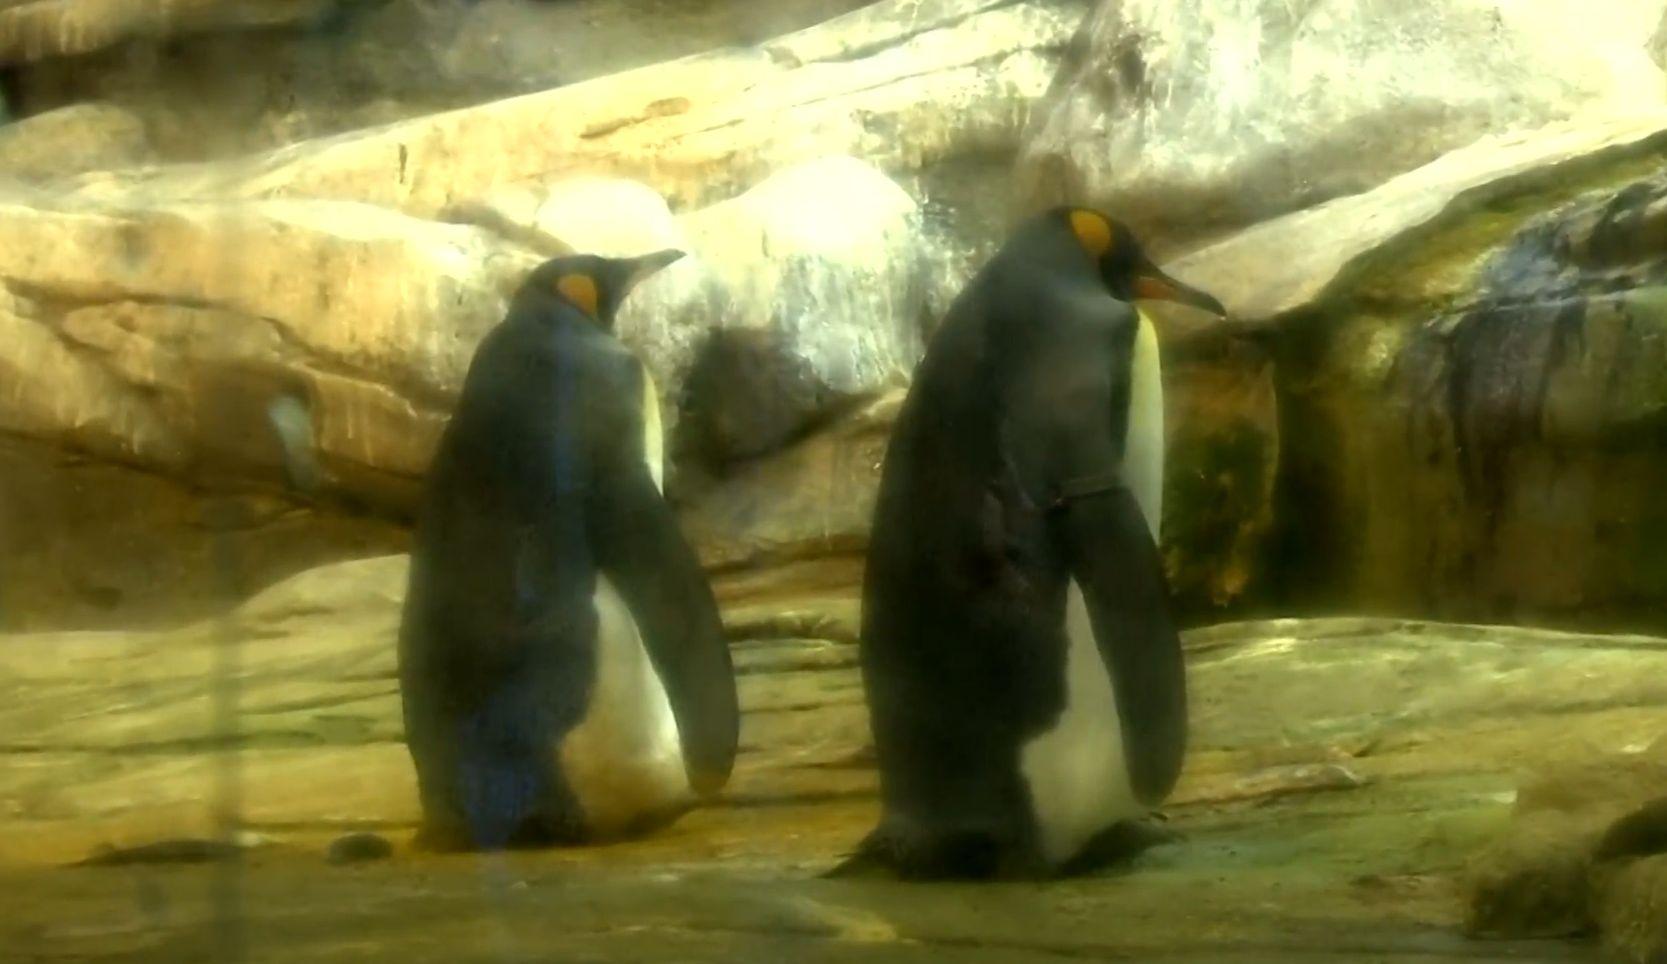 Majd két évtizede nem kelt ki pingvin a berlini állatkertben, de most egy meleg pingvinpár kotlani kezdett